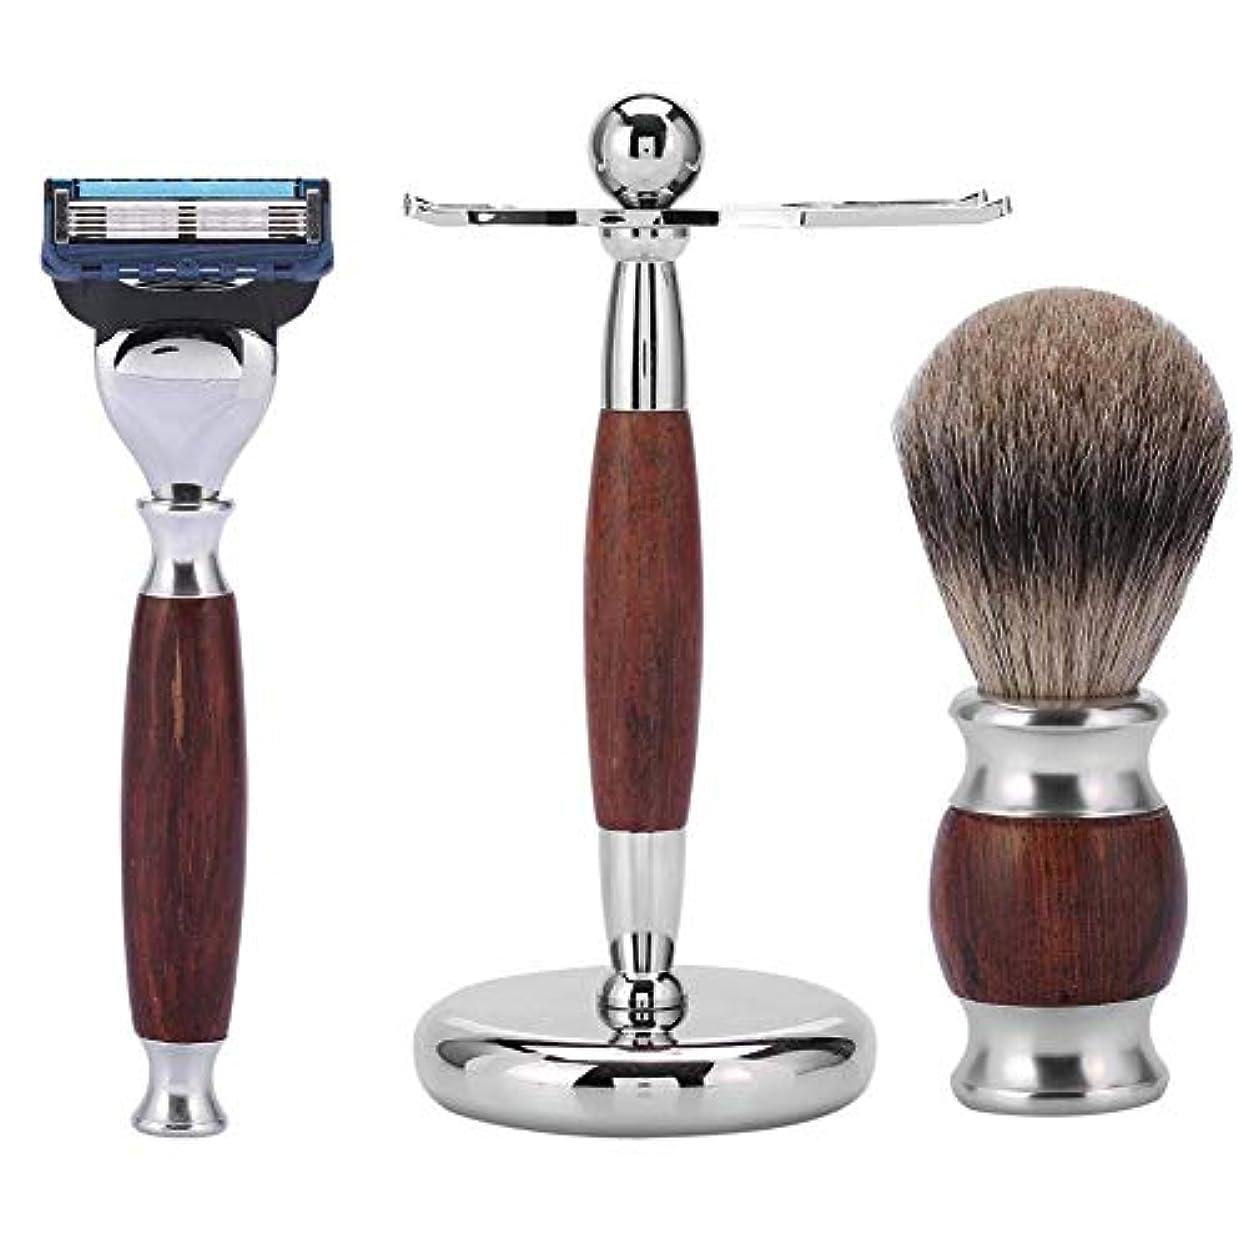 Qiilu メンズひげ剃りセット カミソリ シェービング用品 木製ハンドルカミソリ シェービングブラシ シェービングスタンド シェービングボウル 携帯便利 旅行 海外 普段用